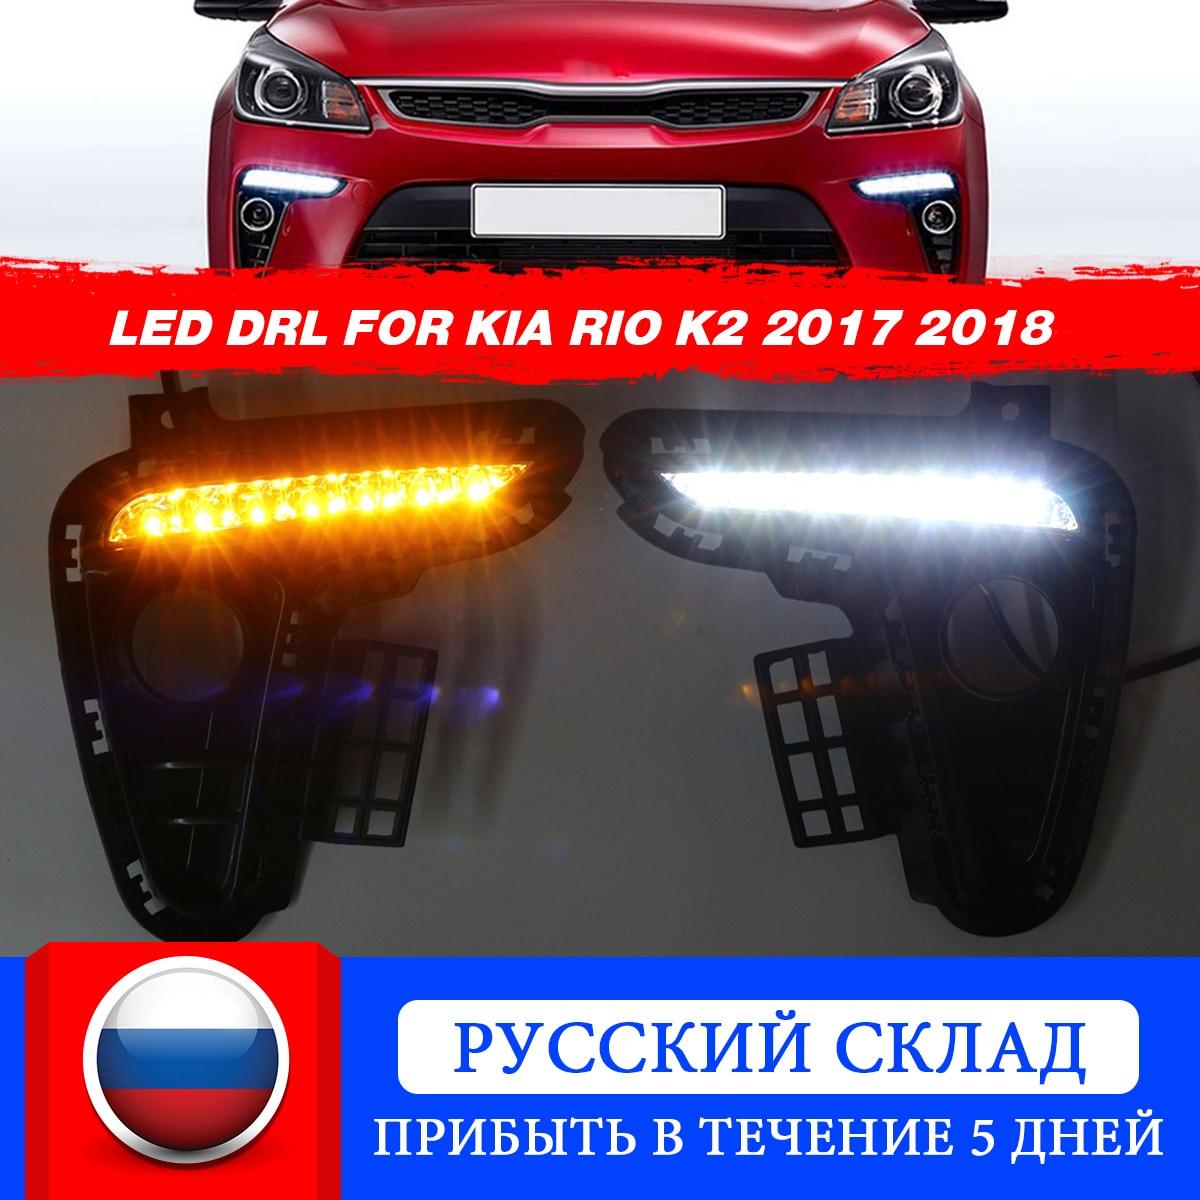 2Pcs 12v Auto Led DRL Stoßfänger Für Kia Rio 3 2017 2018 Blinker Draht Tagfahrlicht Licht nebel Scheinwerfer Fahren Lampe Wasserdicht